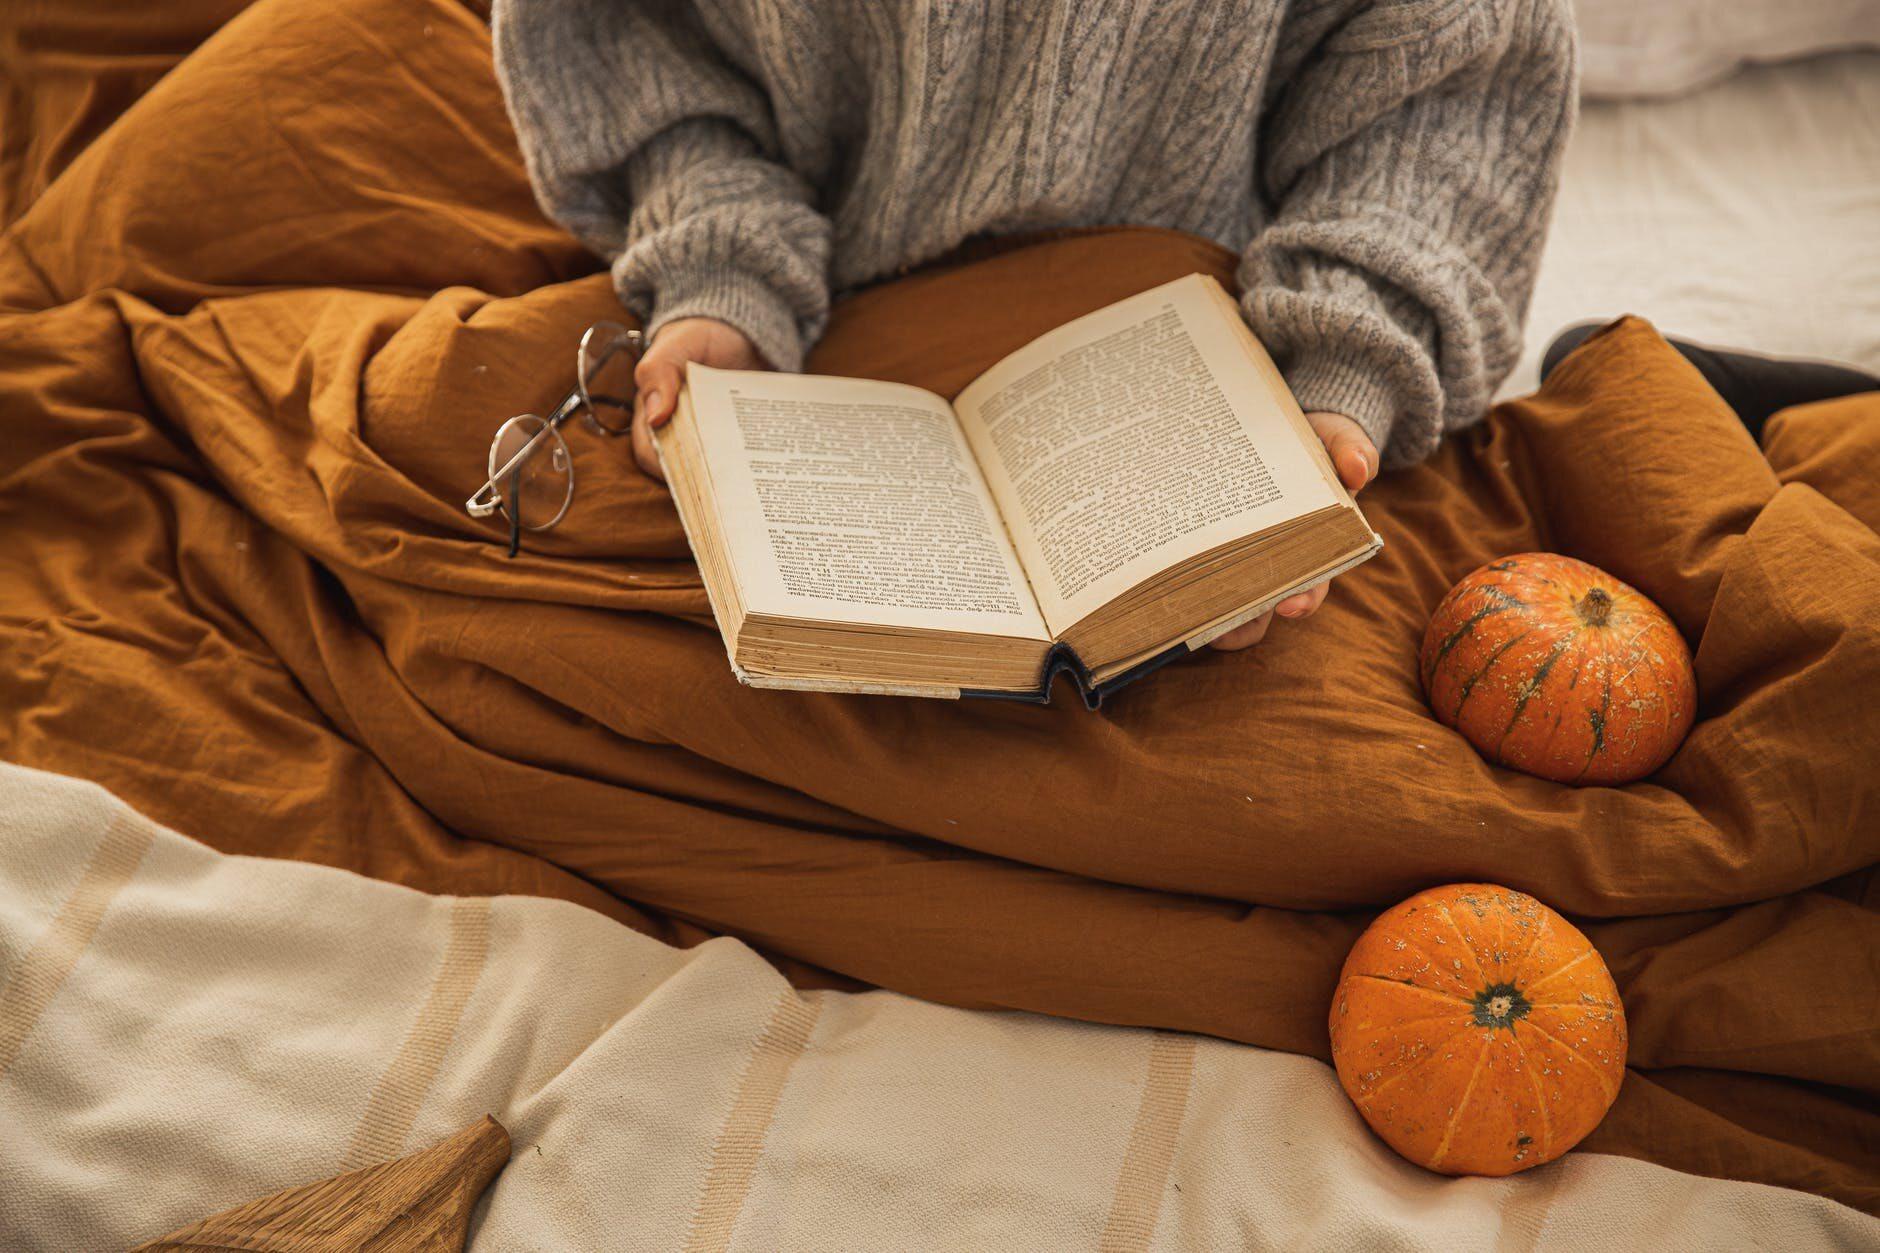 Kobieta z książką, zdjęcie ilustracyjne